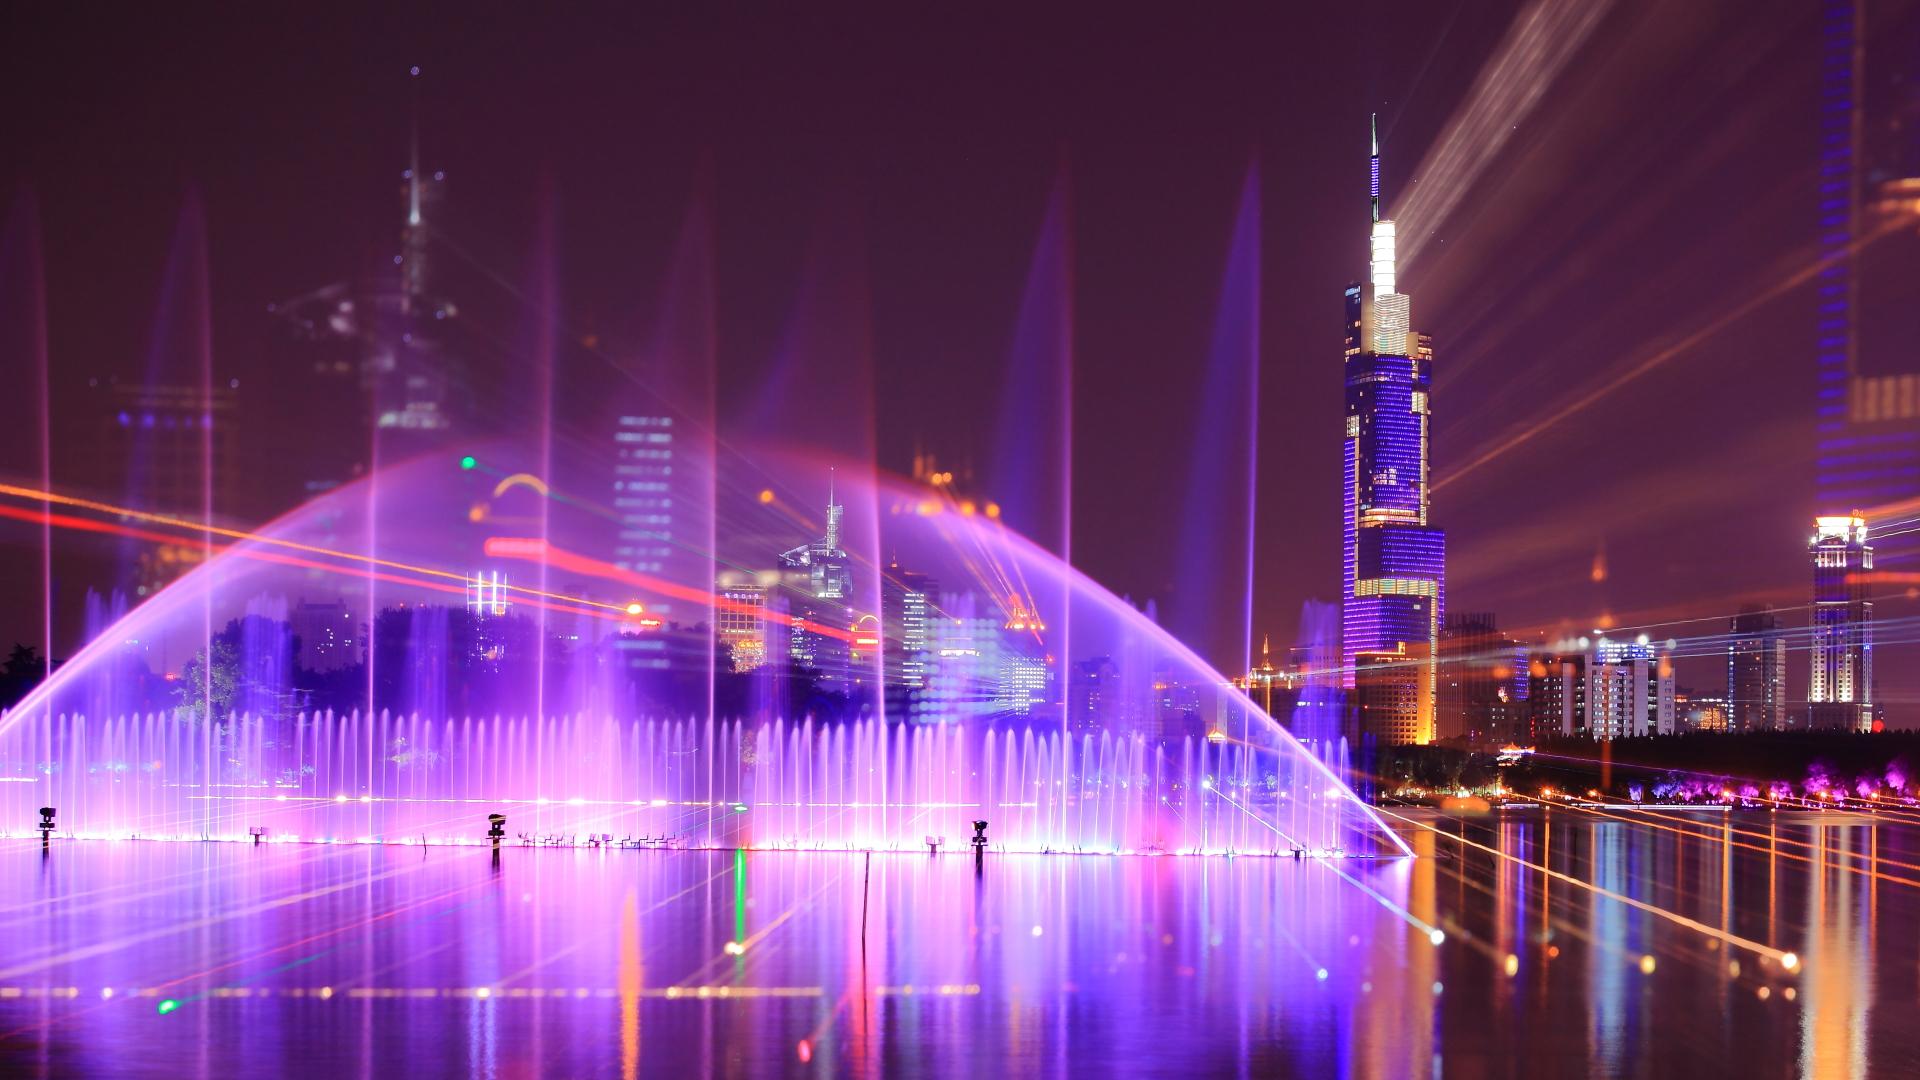 Fondos De Pantalla : China, Ciudad, Viajar, Turismo